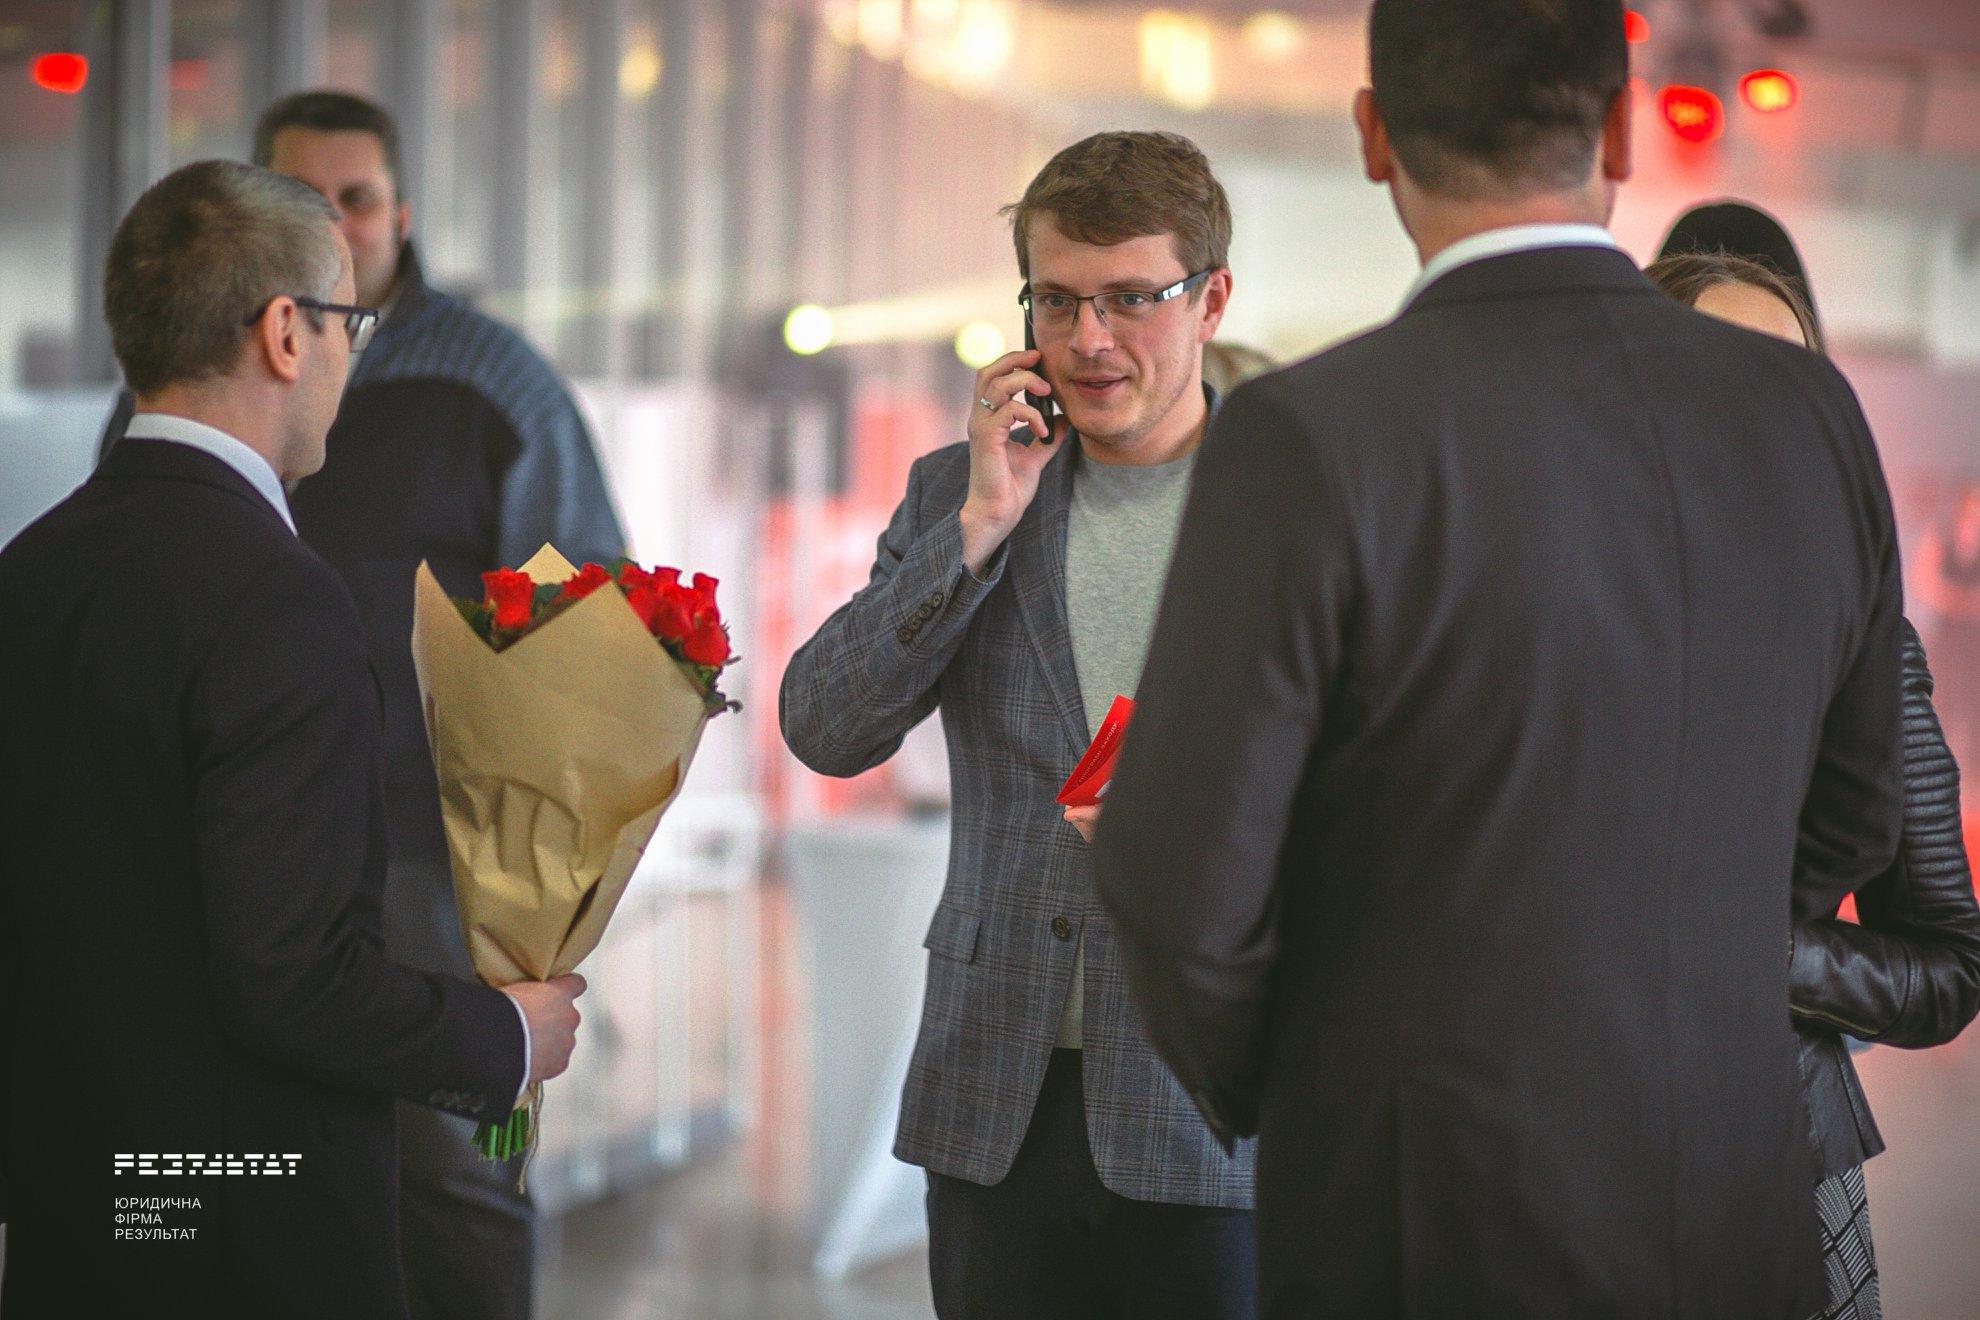 Vladyslav golub in birthday law firm